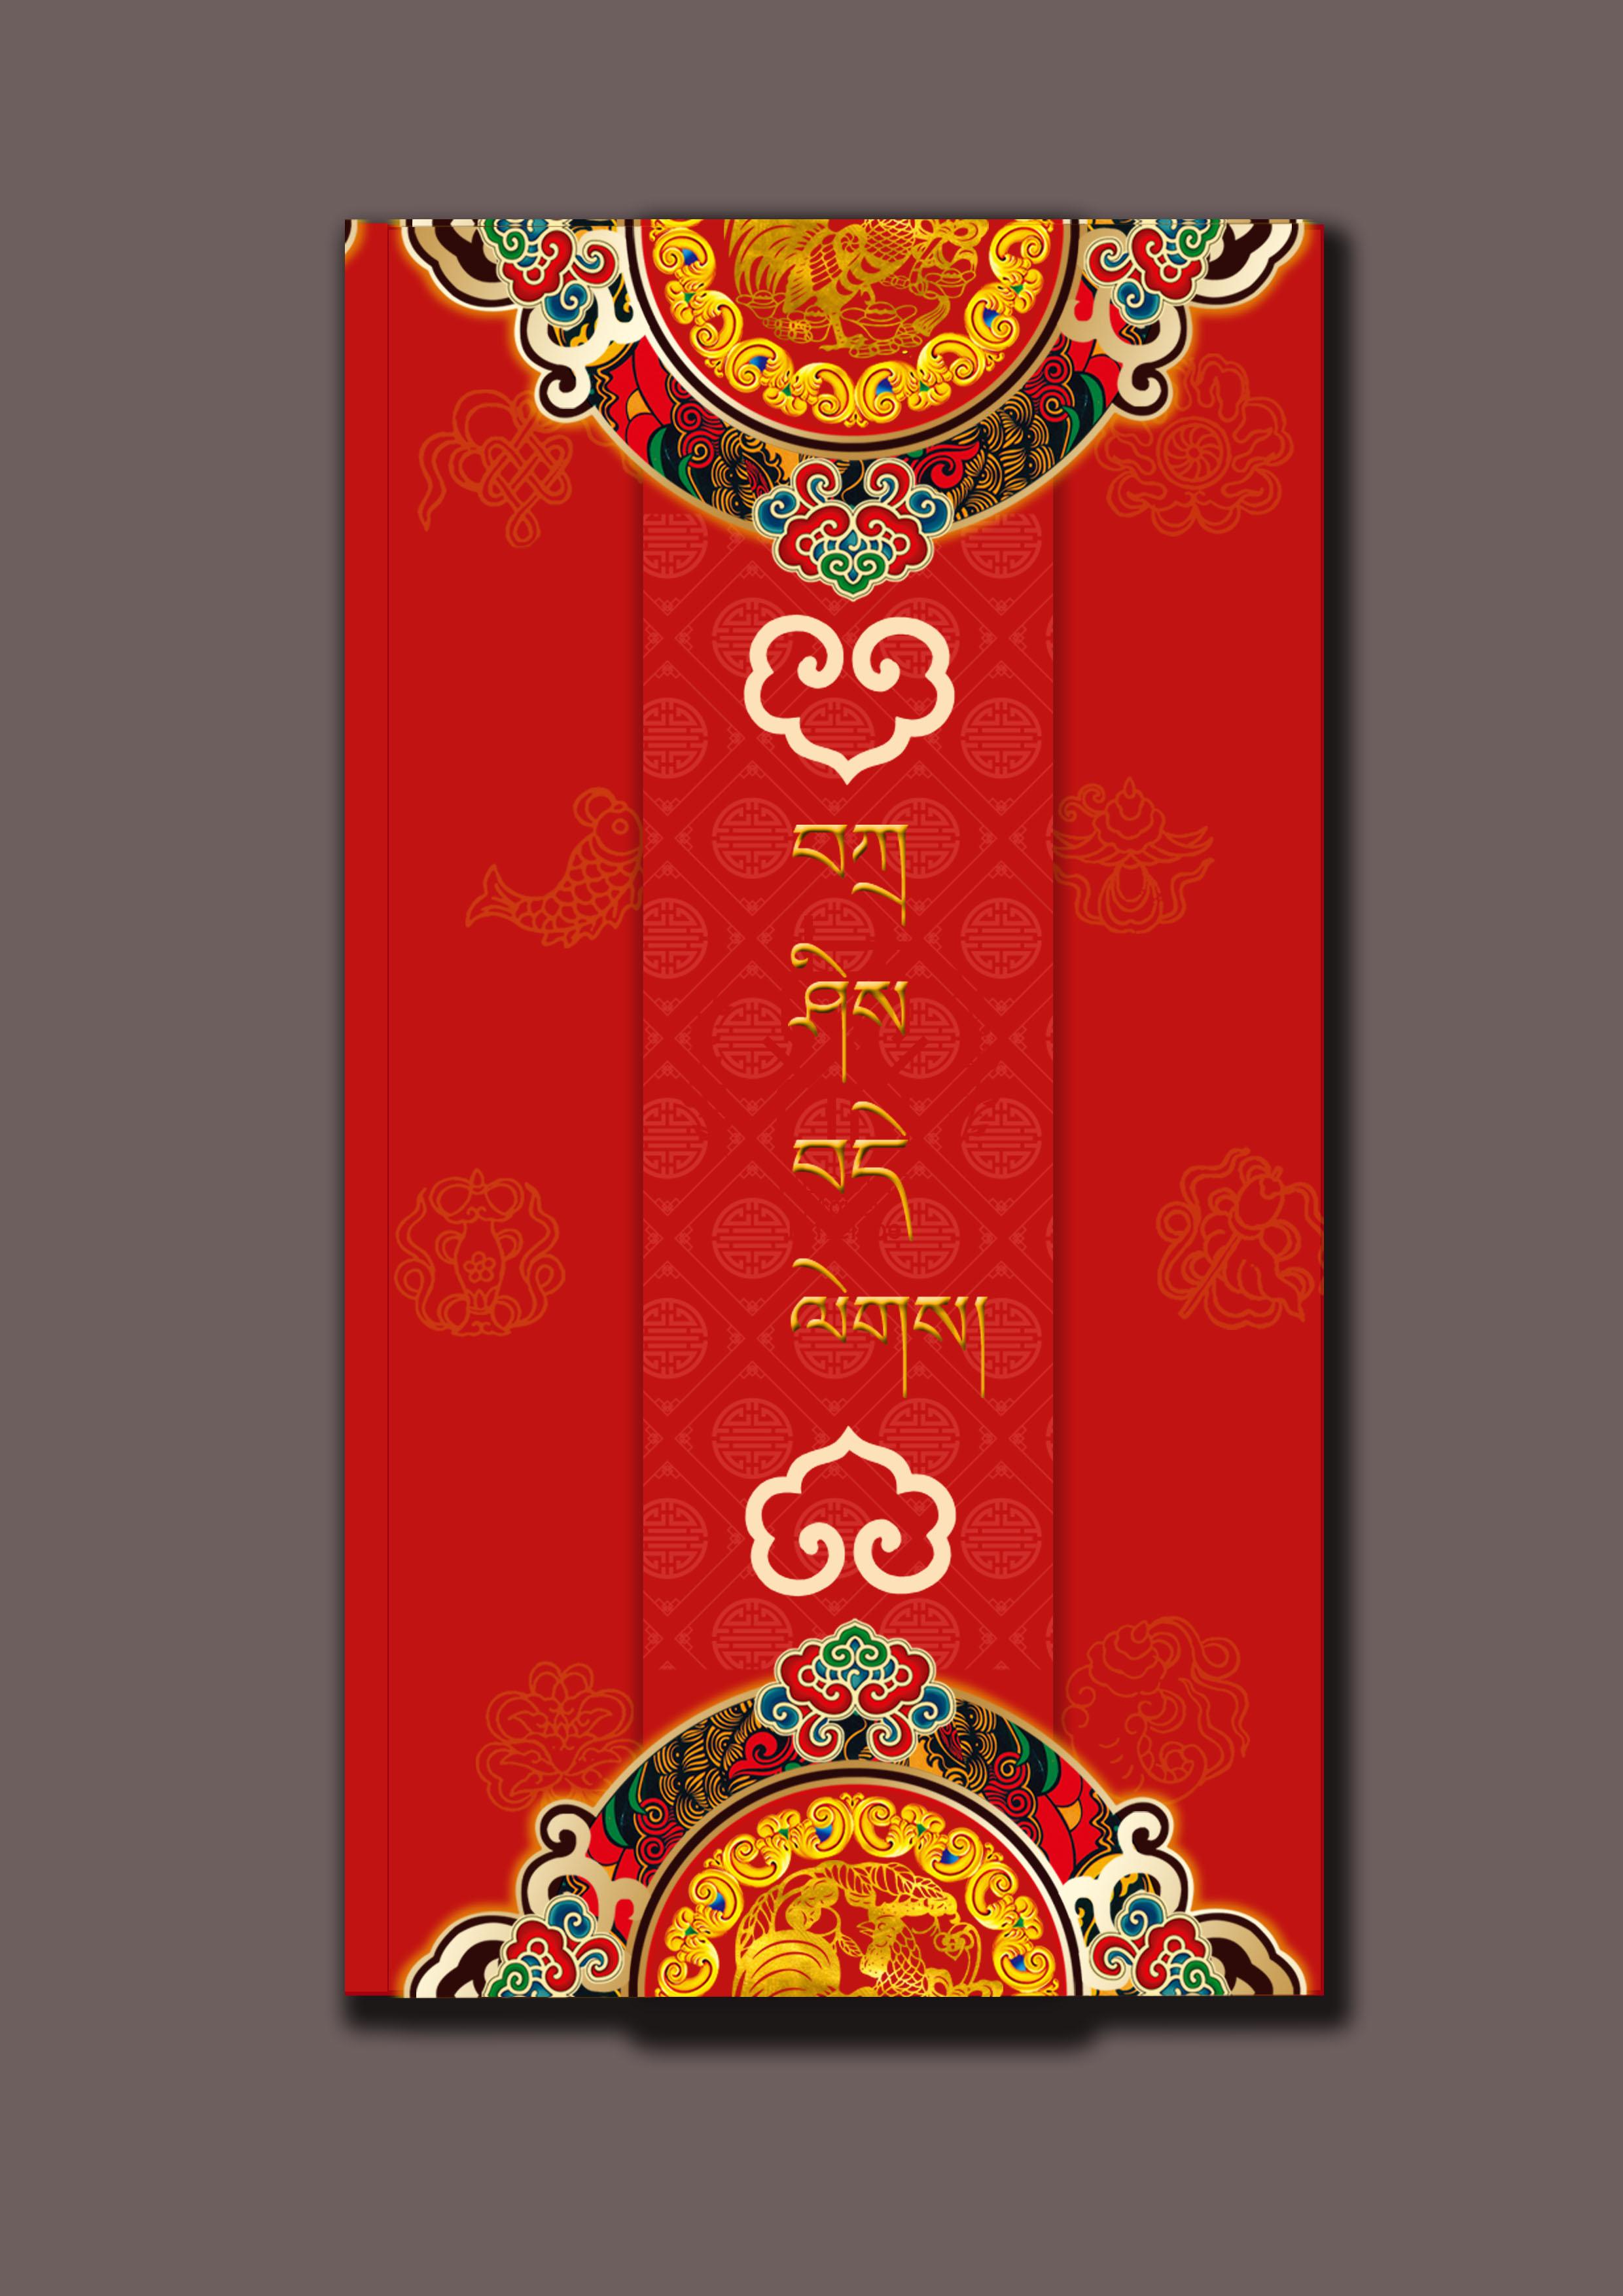 藏式新年红包|平面|包装|格桑泽仁 - 原创作品 - 站酷图片